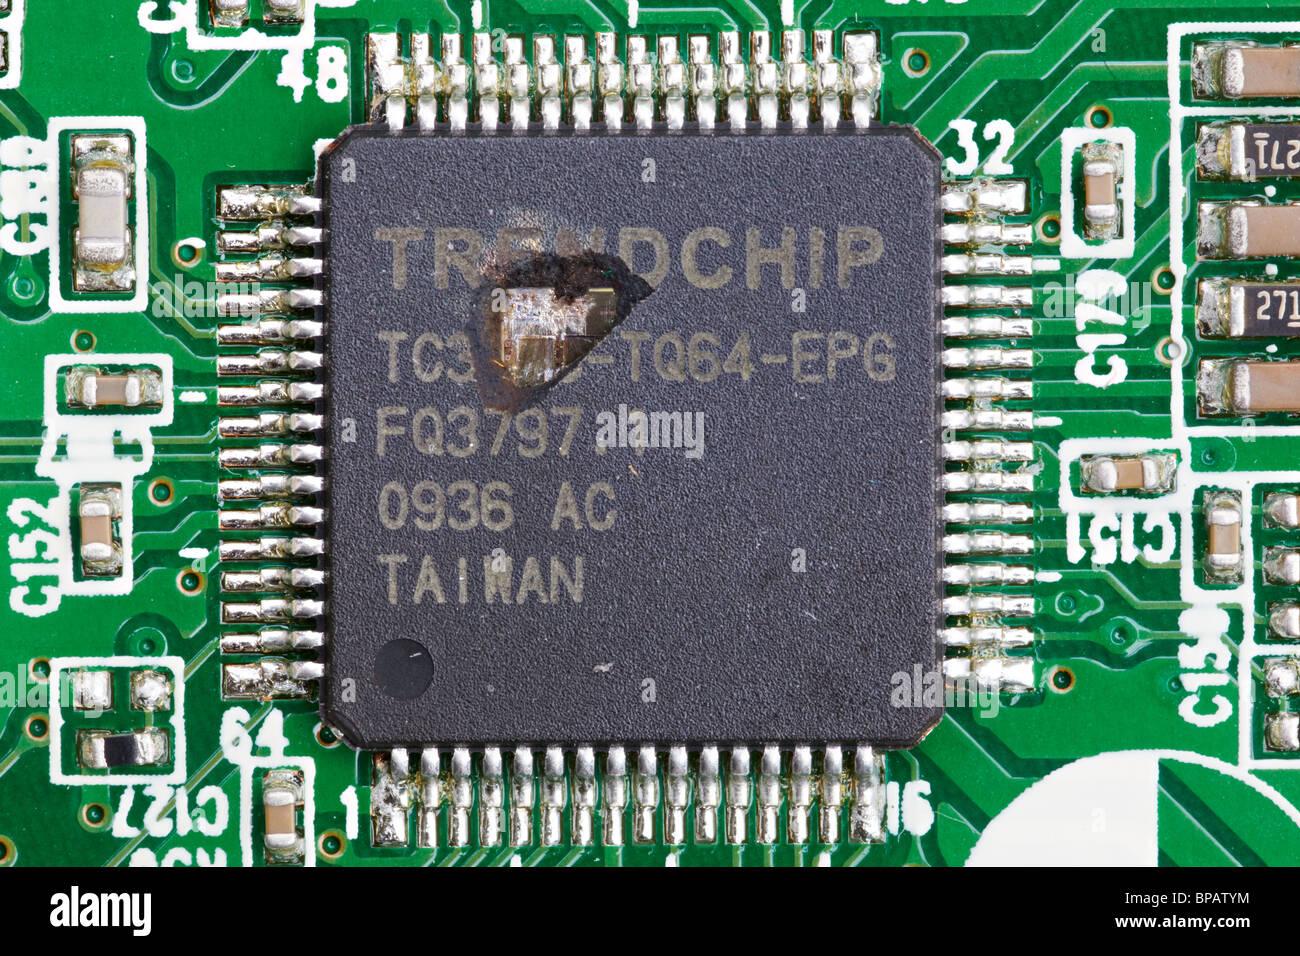 Lightning Damage to Electronic Equipment - Stock Image